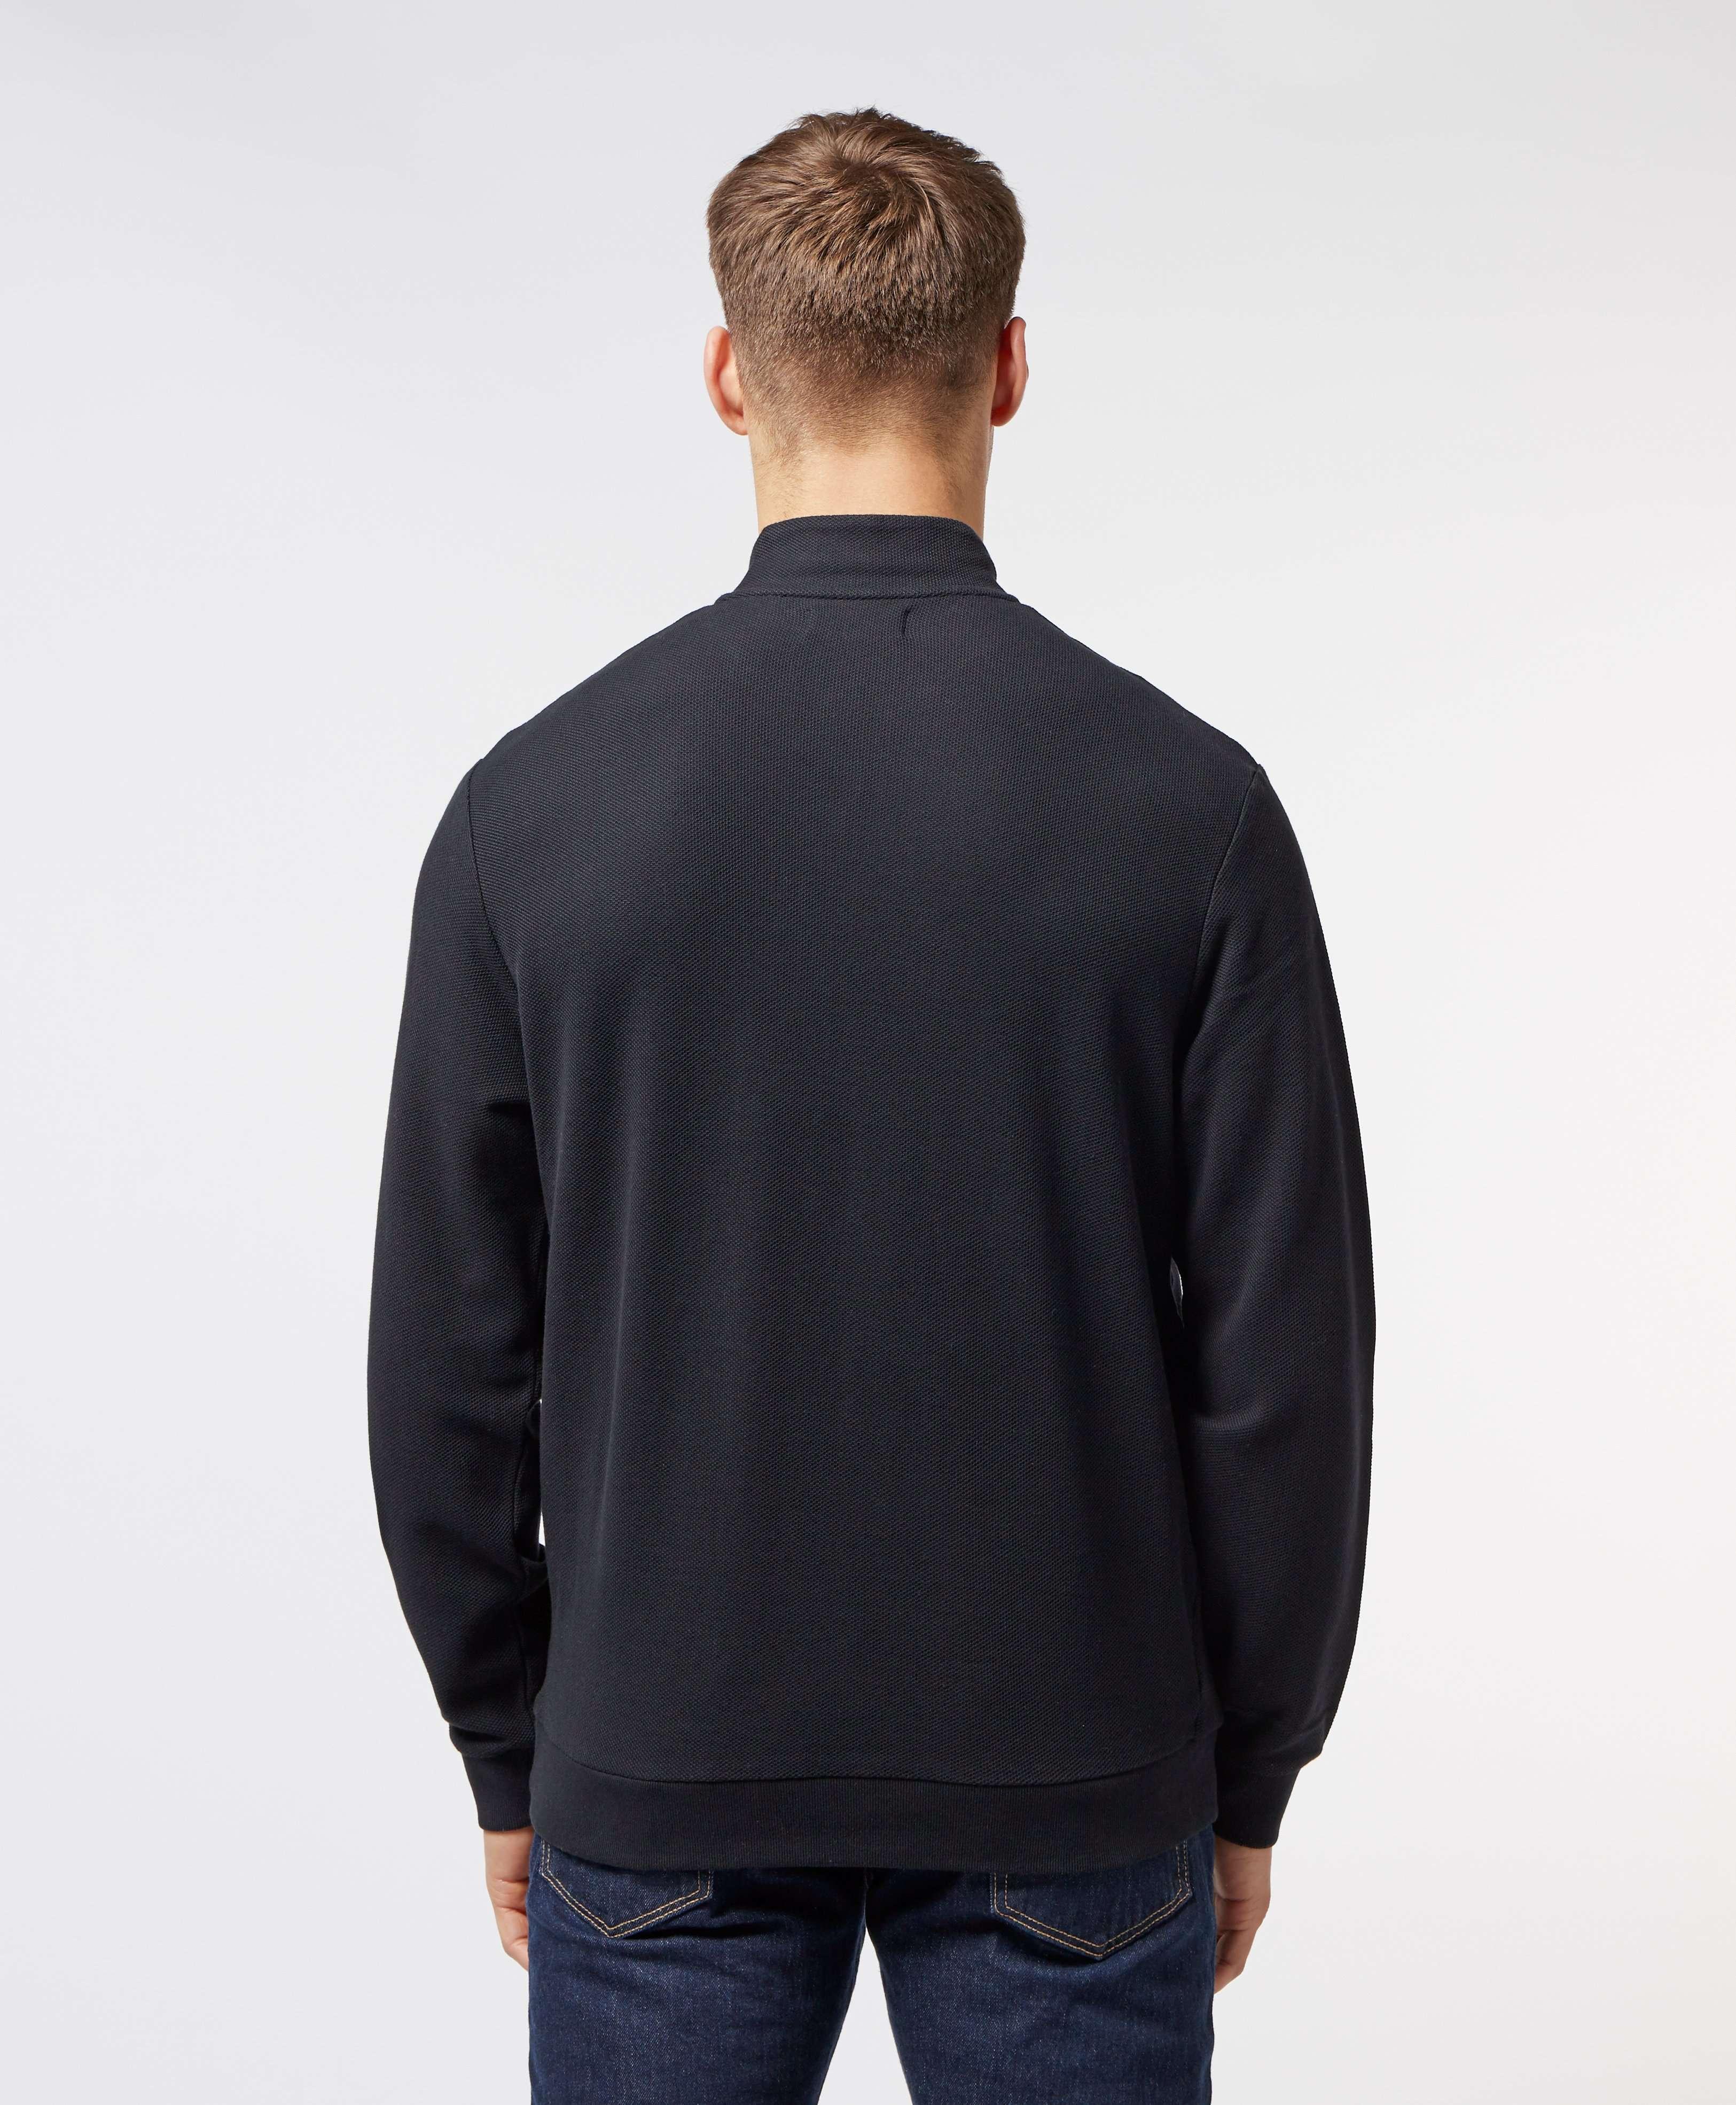 Fred Perry Half Zip Pique Sweatshirt